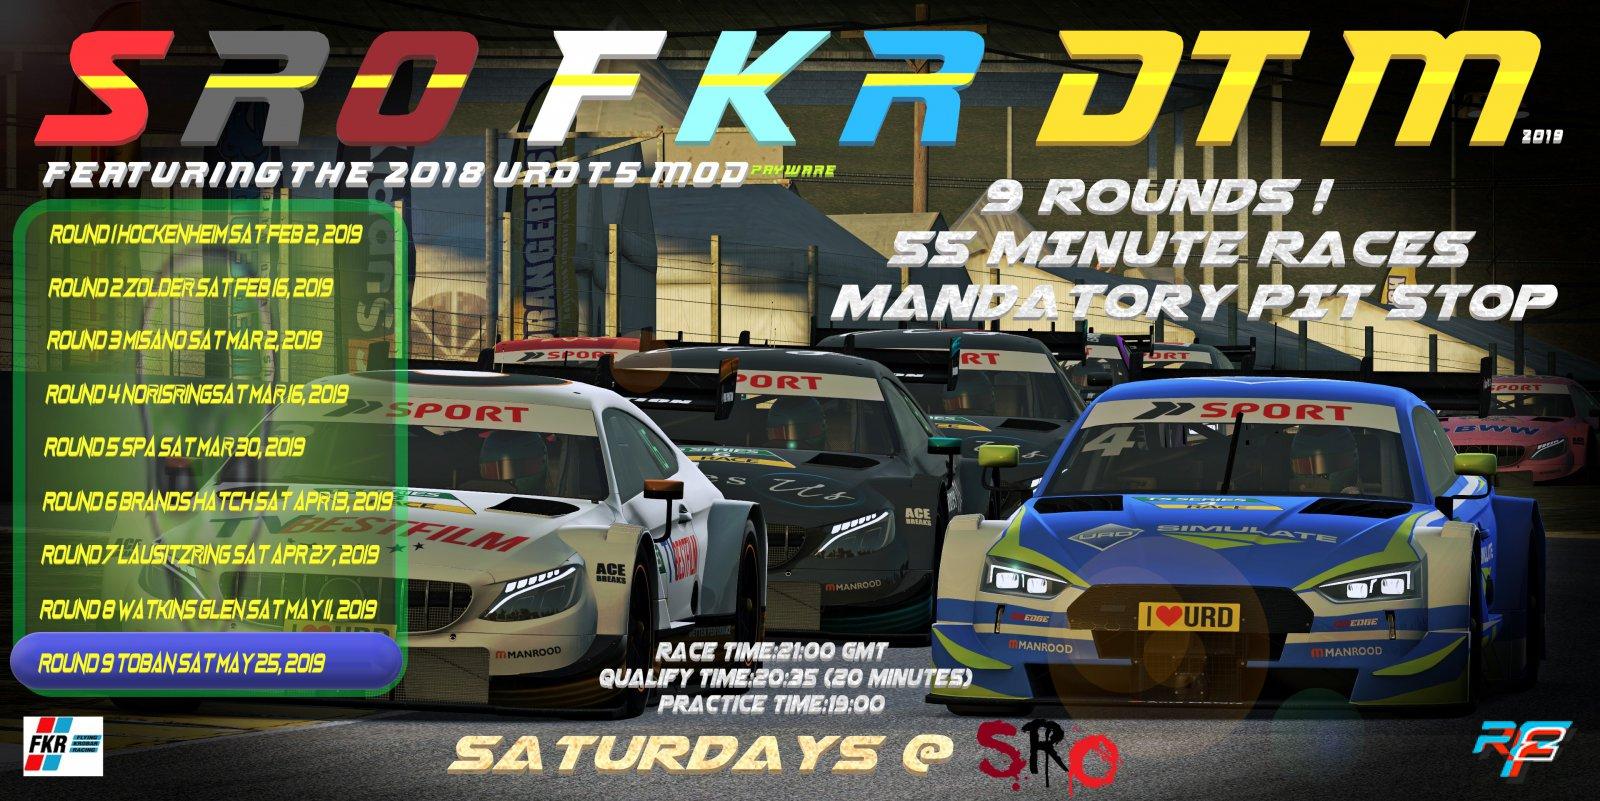 FKR DTM R9.jpg